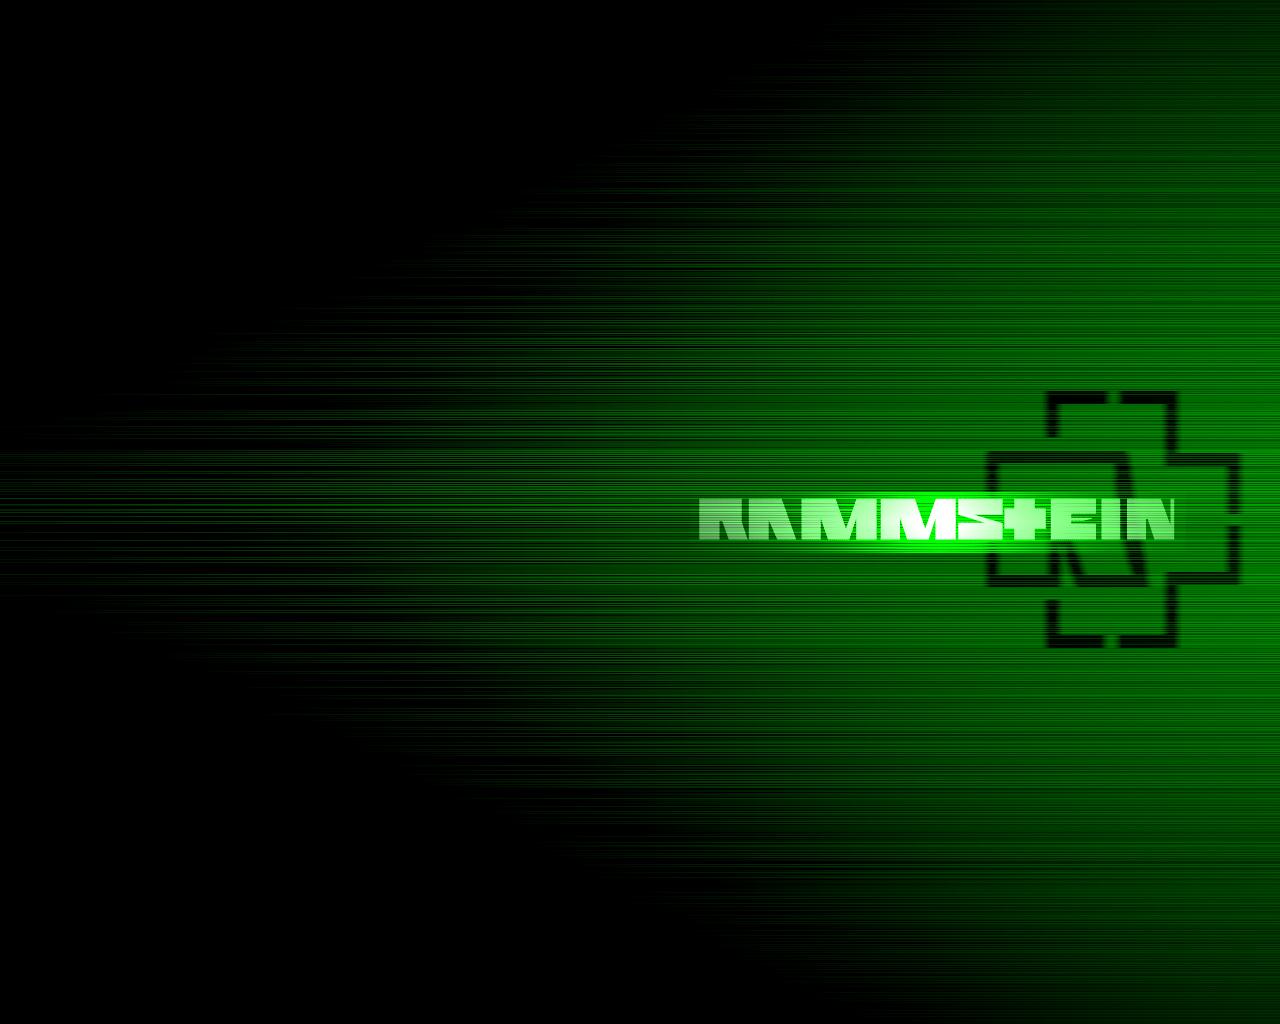 Rammstein Logo Wallpaper 32 rammstein hd wallpapers backgrounds 1280x1024